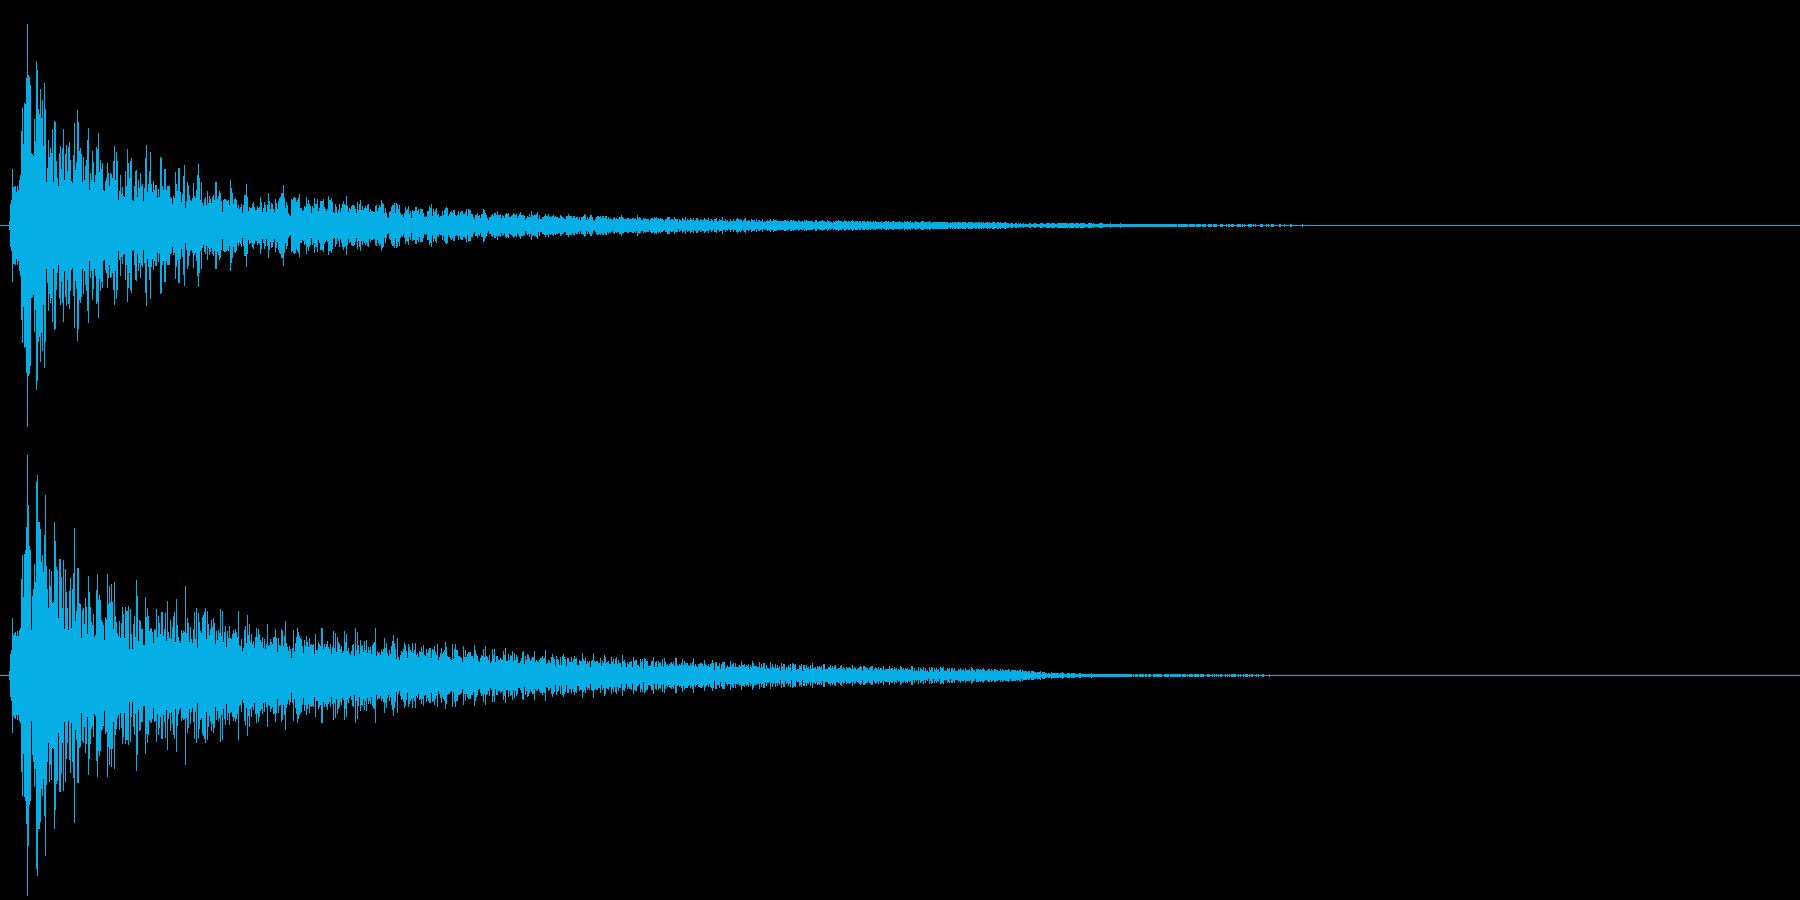 アコースティックギターによるクリック音の再生済みの波形